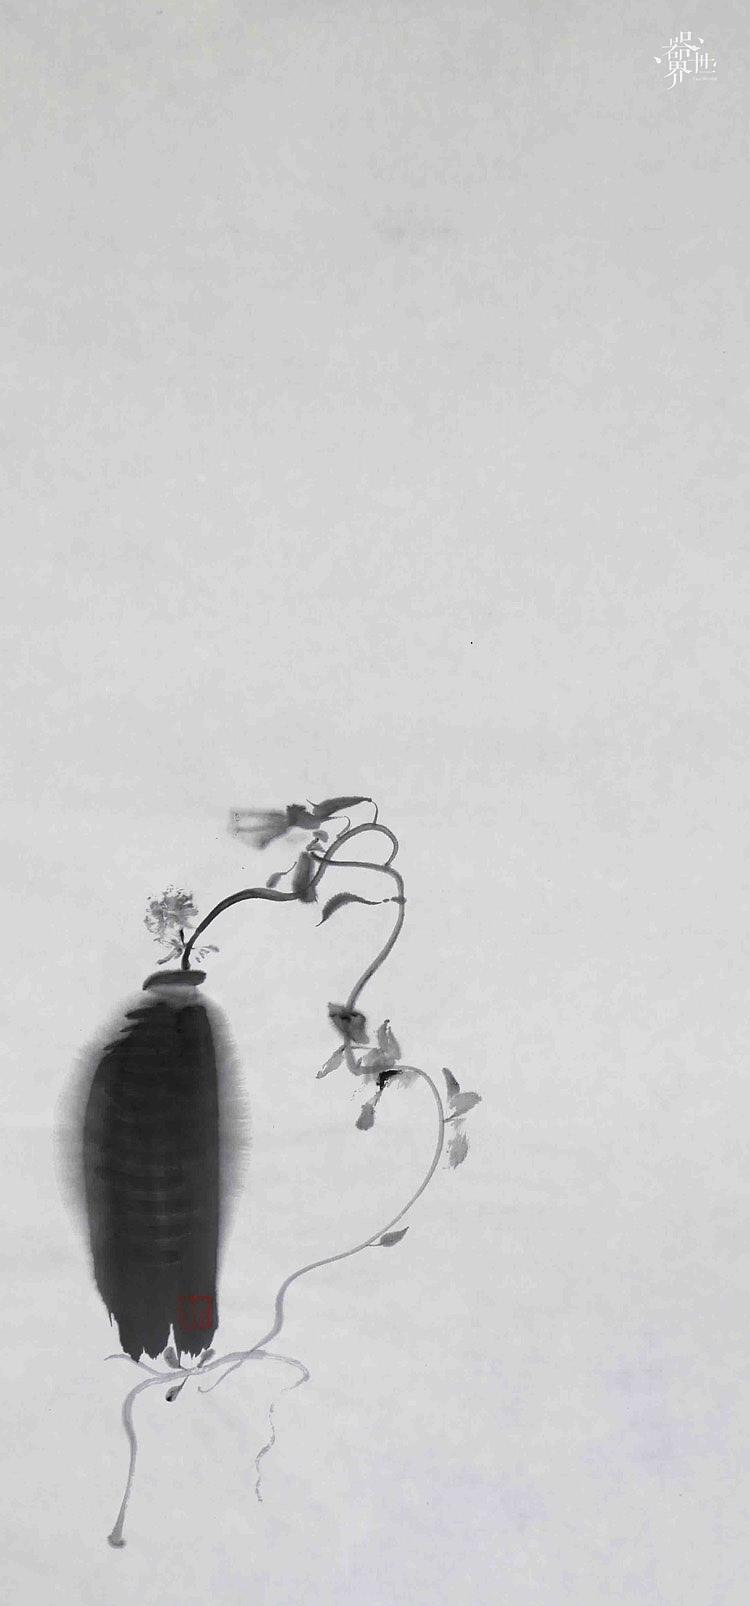 器世界名家字画 国画 孙进手绘原稿 禅意花鸟画系列作品欣赏